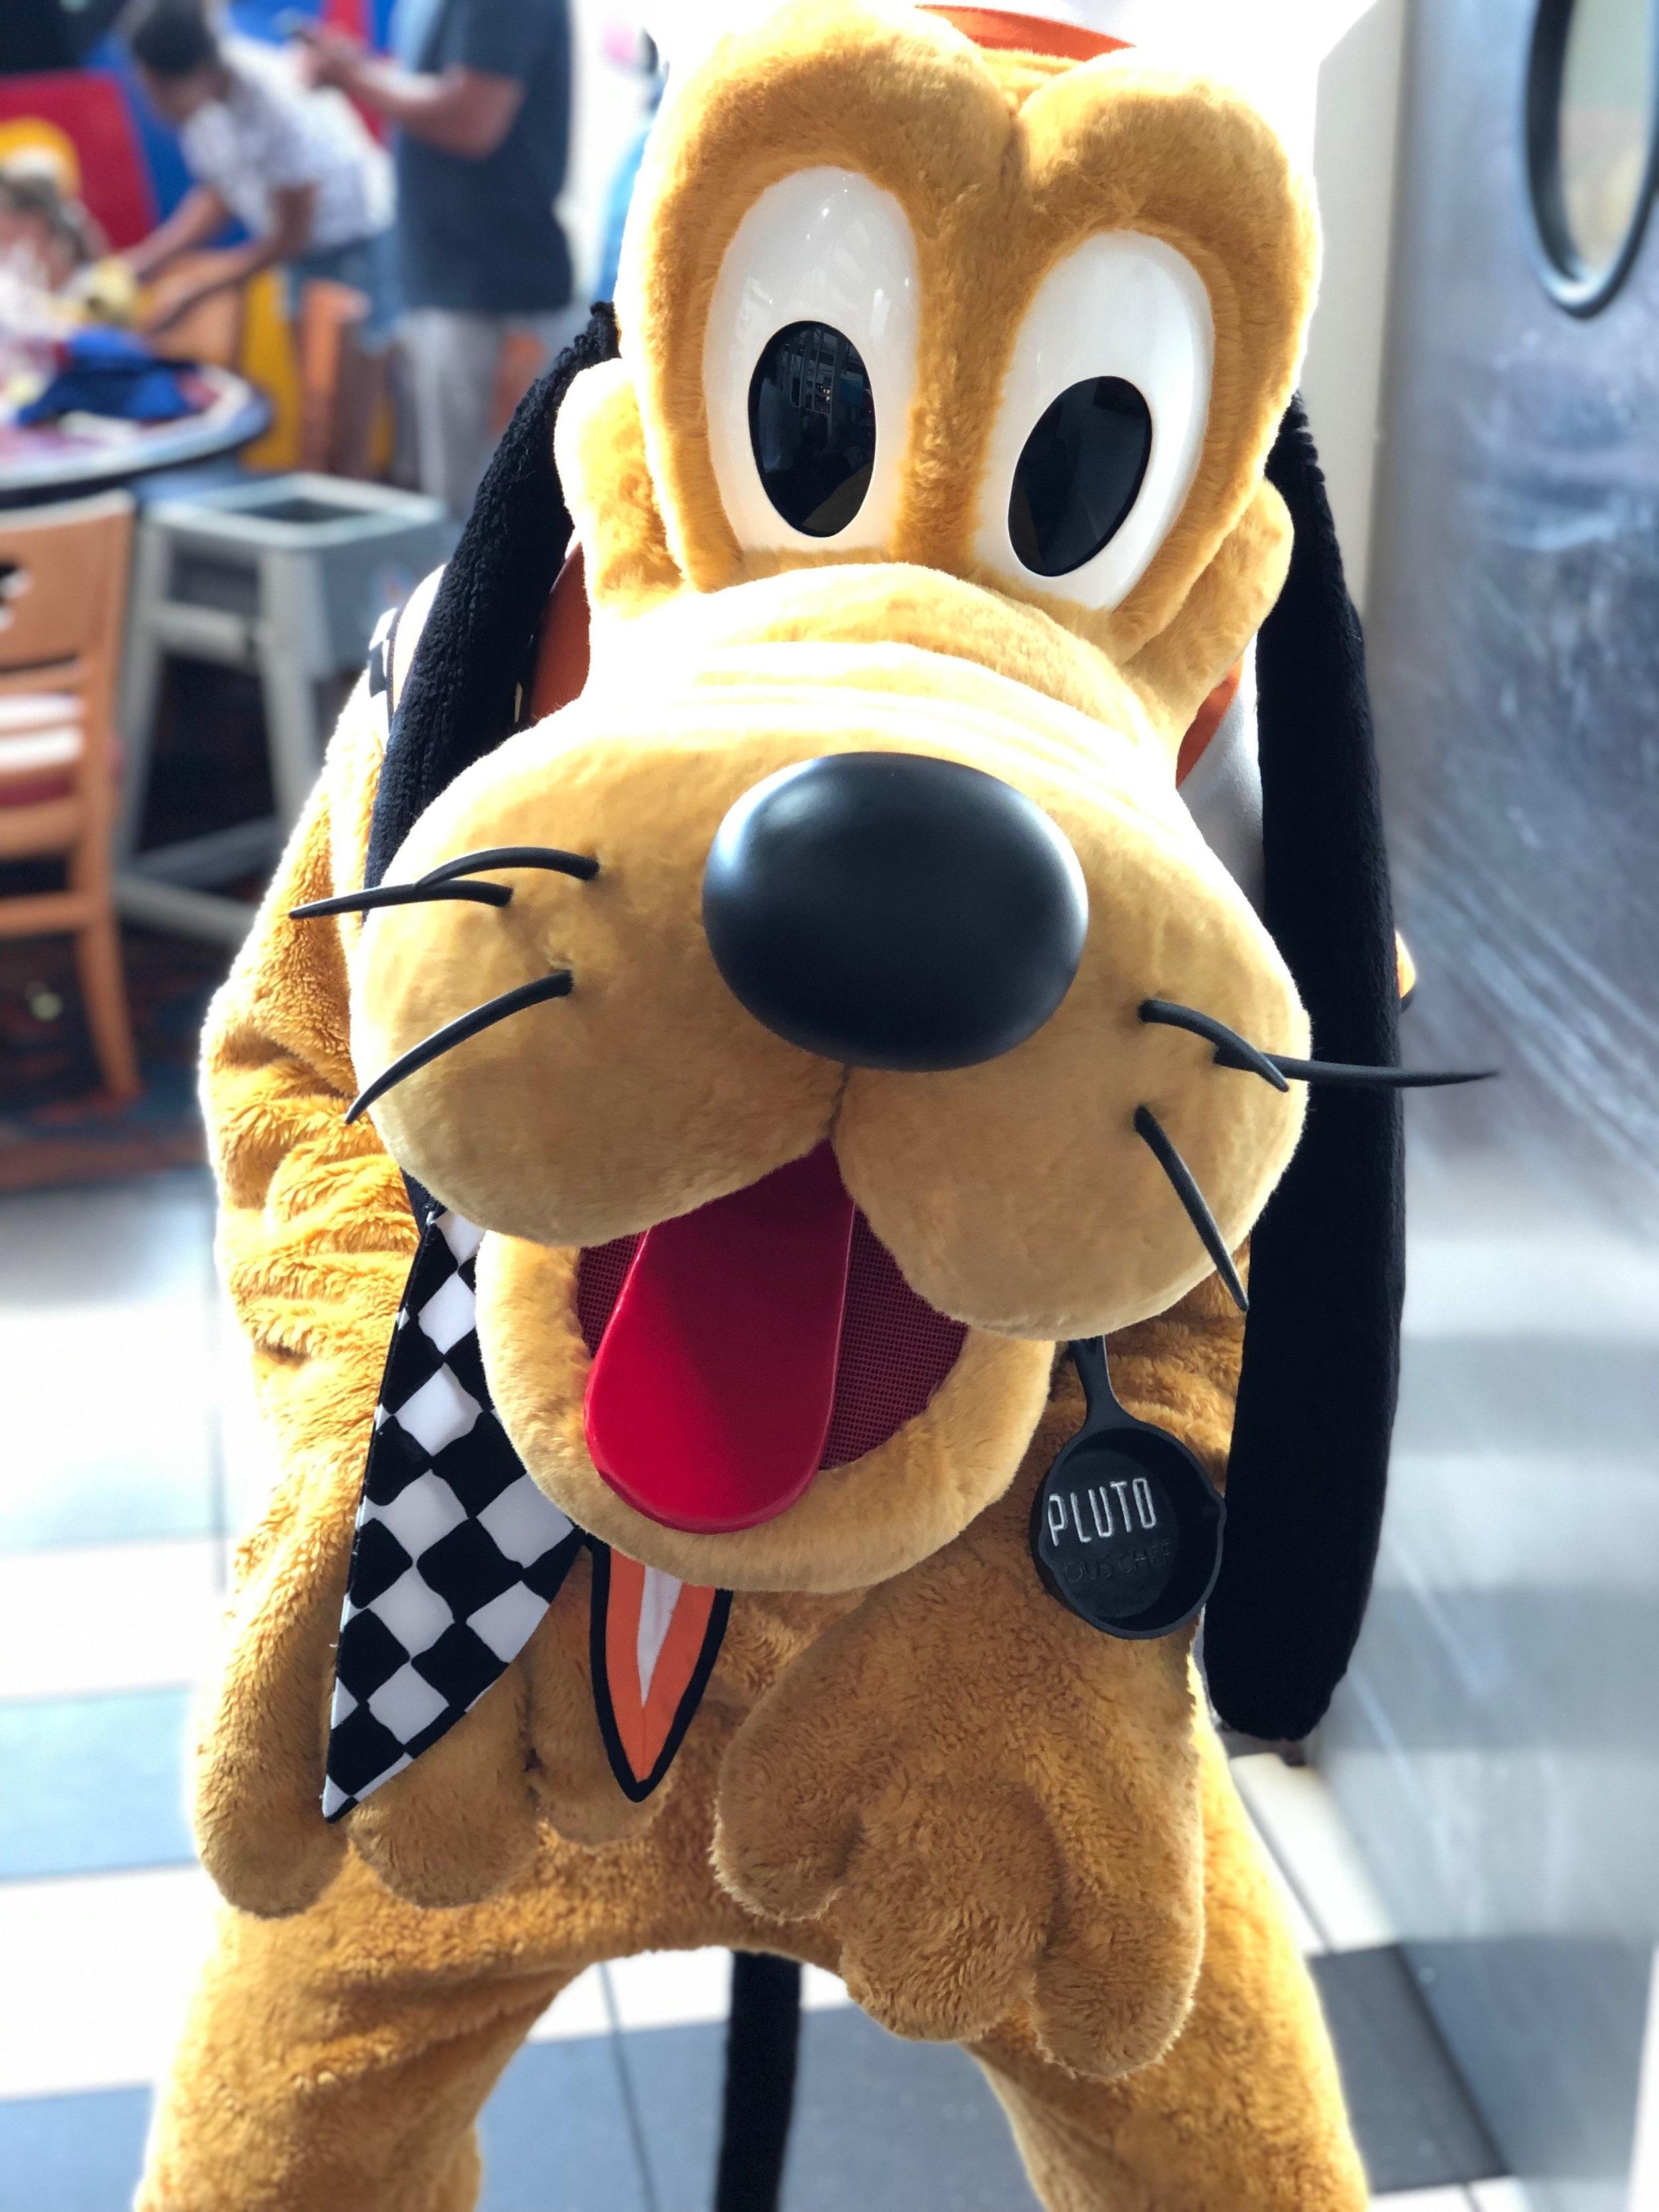 Pluto - Chef Mickey's